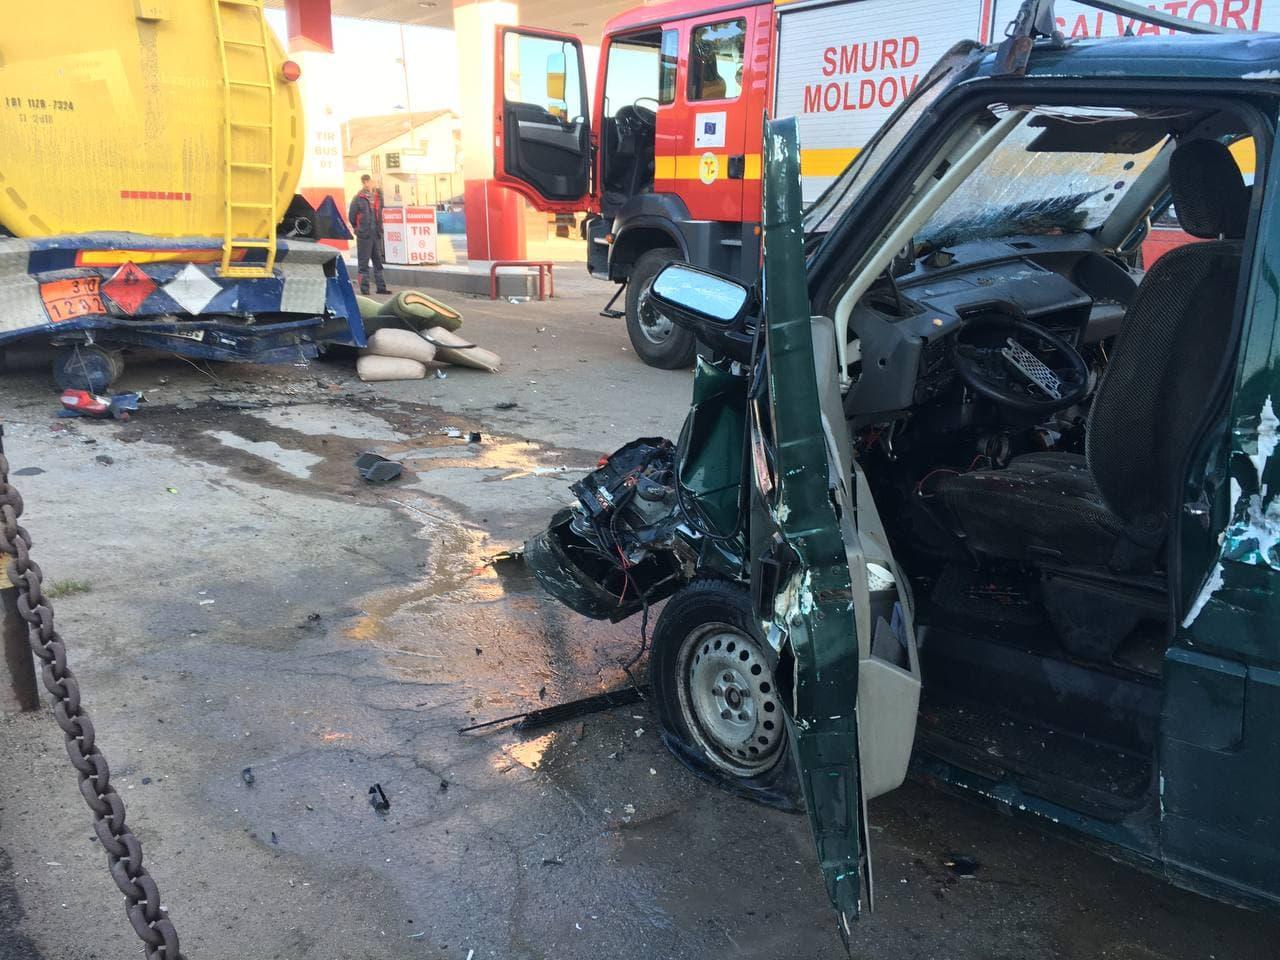 ВКишиневе автомобиль врезался вцистерну наавтозаправочной станции (ФОТО)